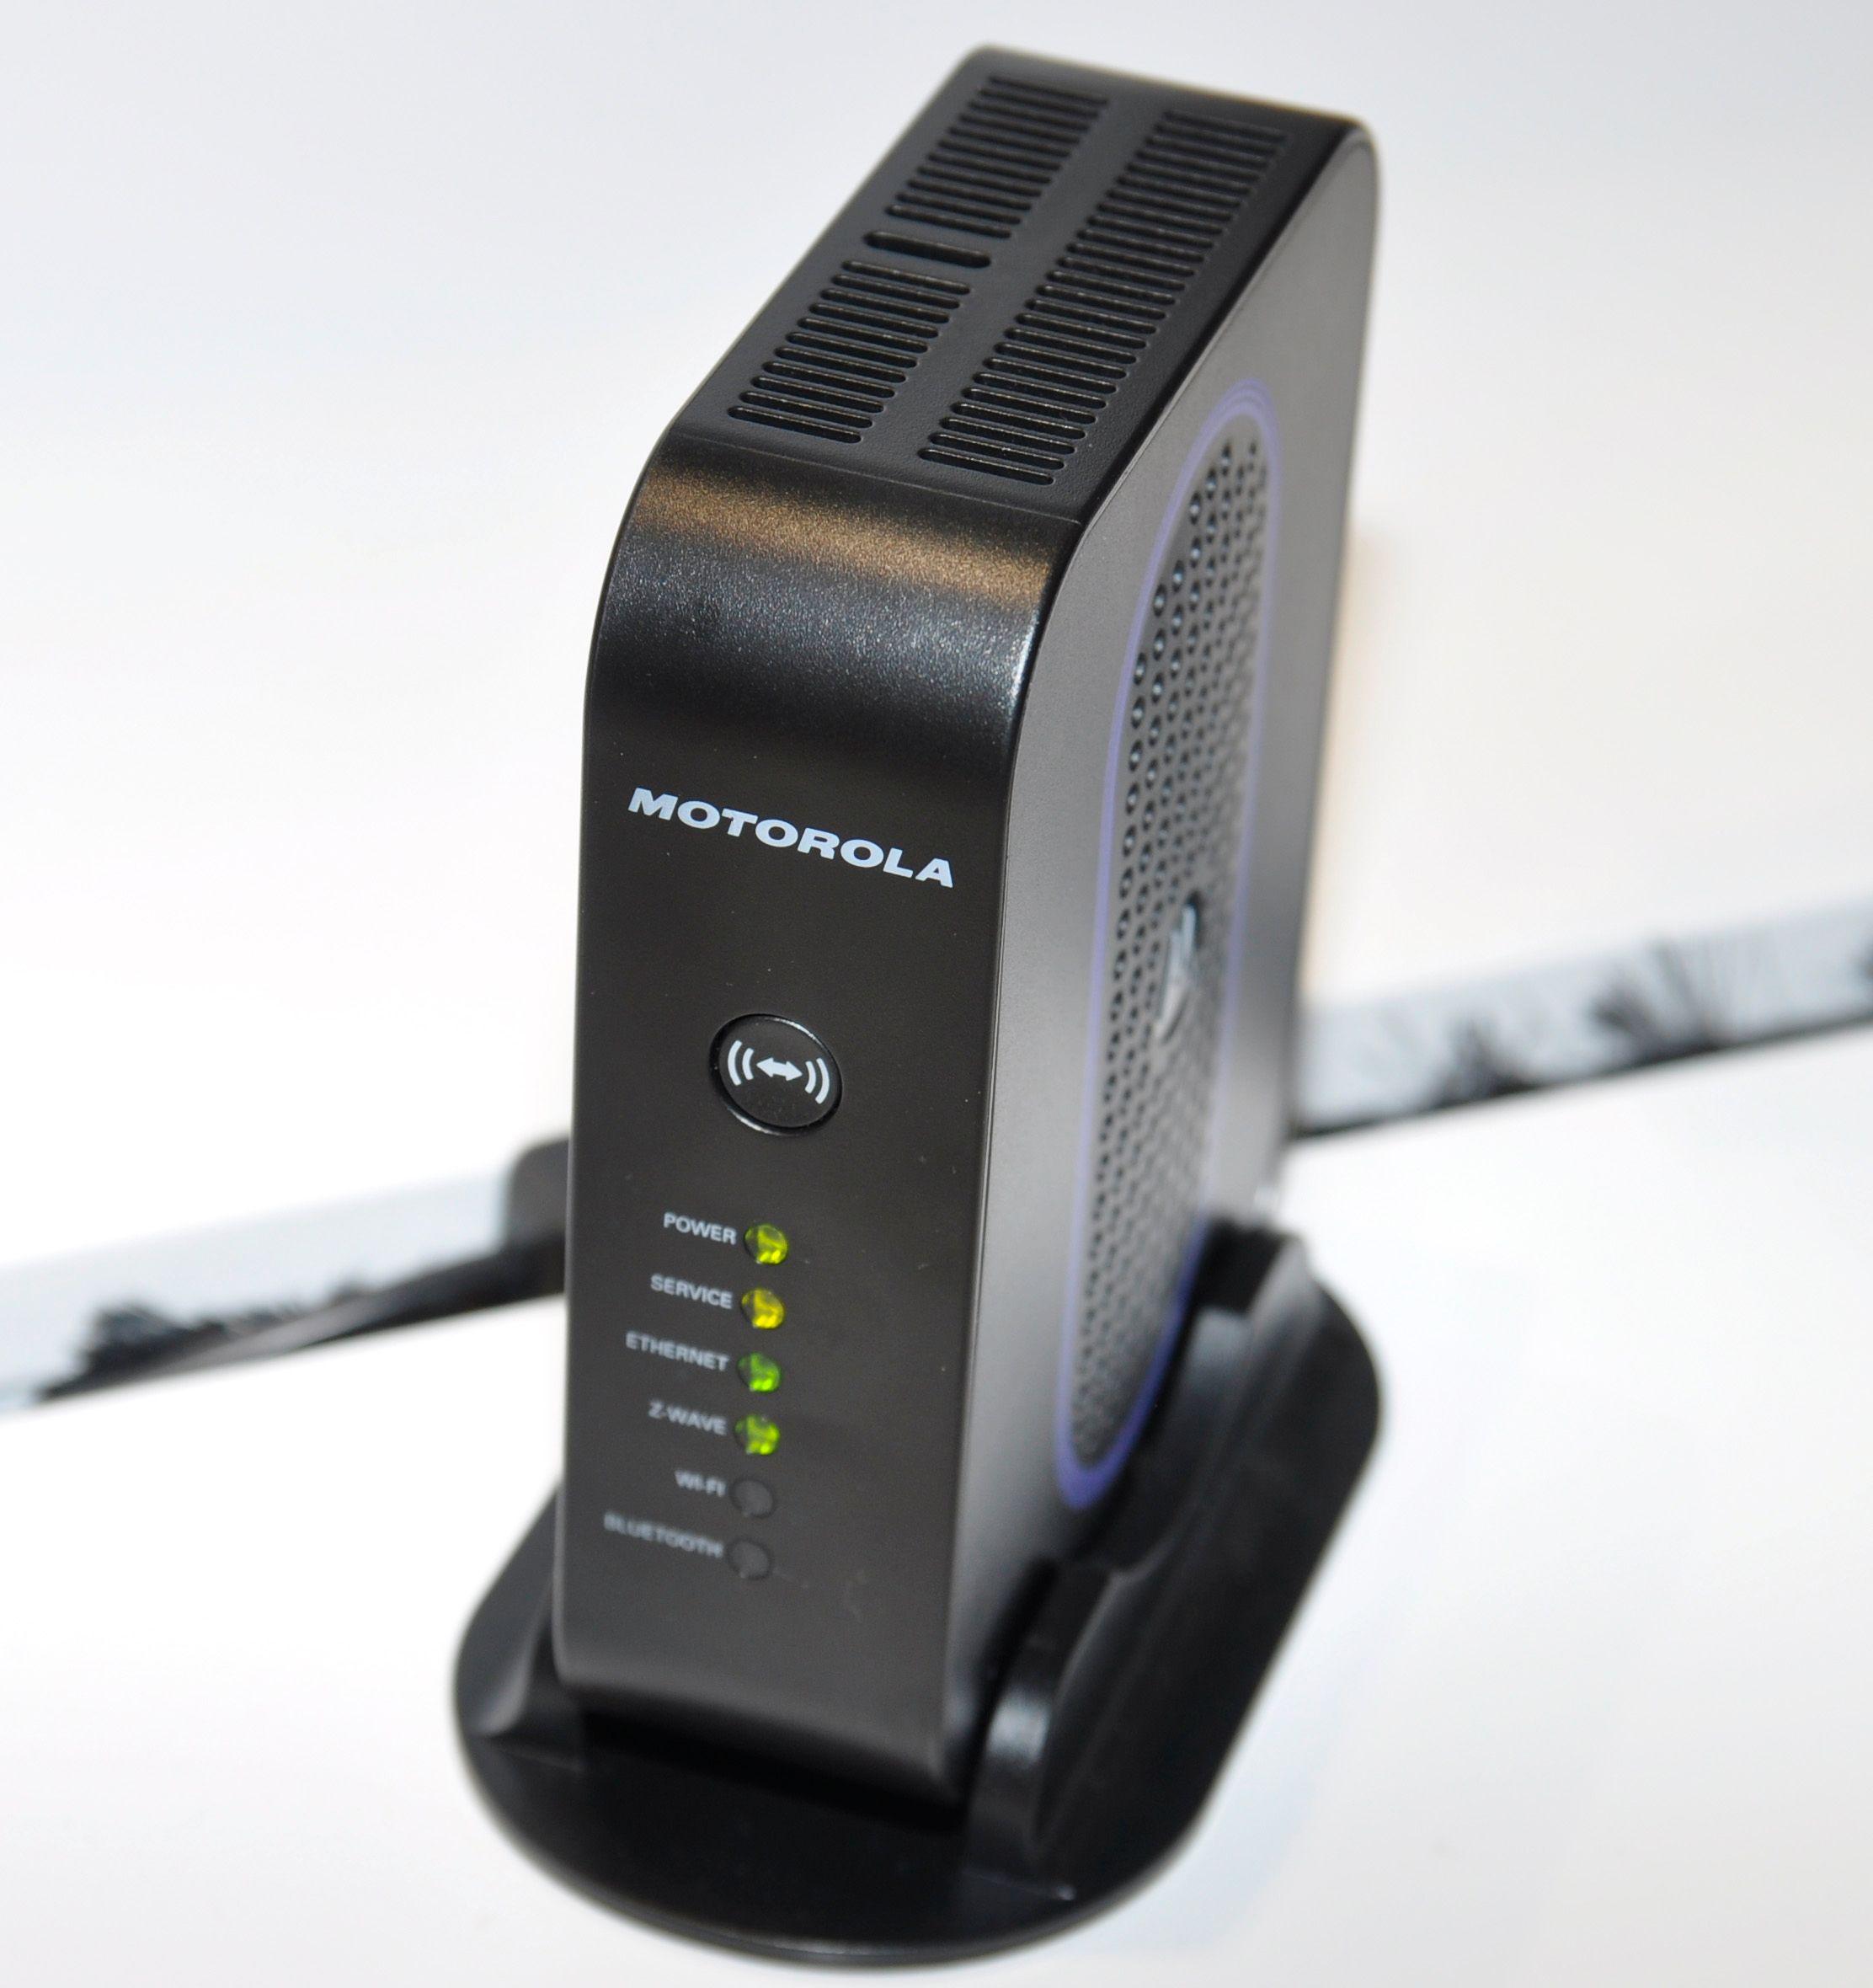 Motorola lager også denne boksen. Den lar deg styre elektronikken hjemme fra mobiltelefonen. I USA selges den med fjernstyrt kontakt og trådløst kamera som en startpakke for under 400 kroner – ulempen er at tjenesten er abonnementsbasert.